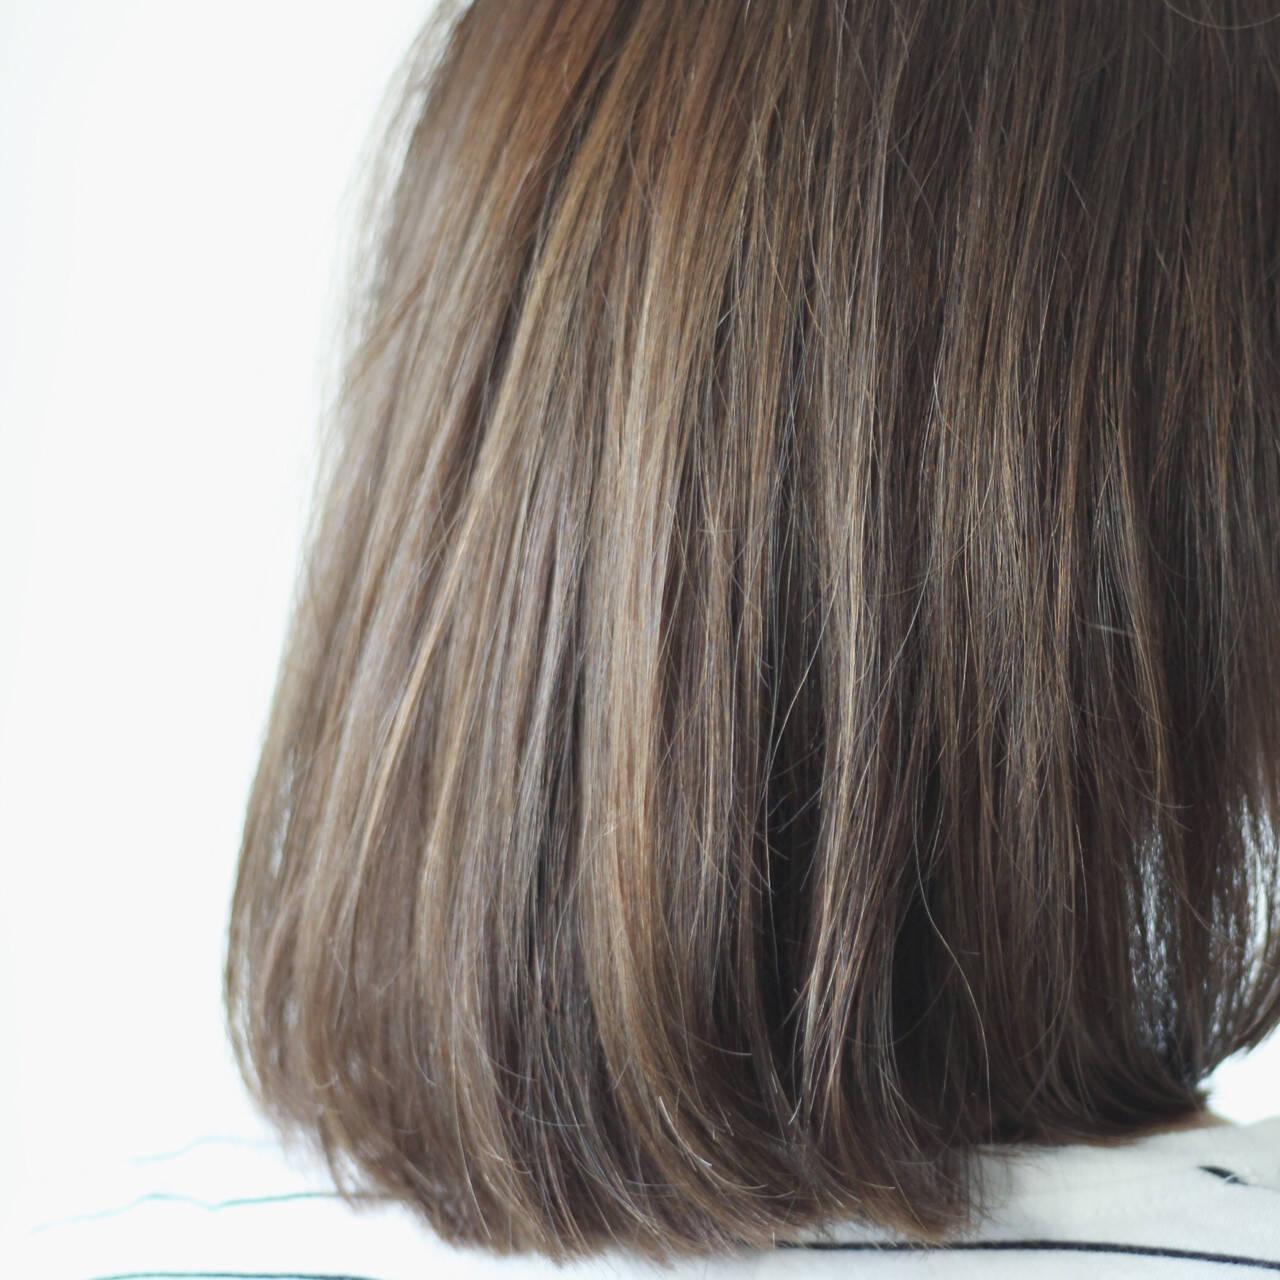 シルバー 暗髪 グレー セミロングヘアスタイルや髪型の写真・画像